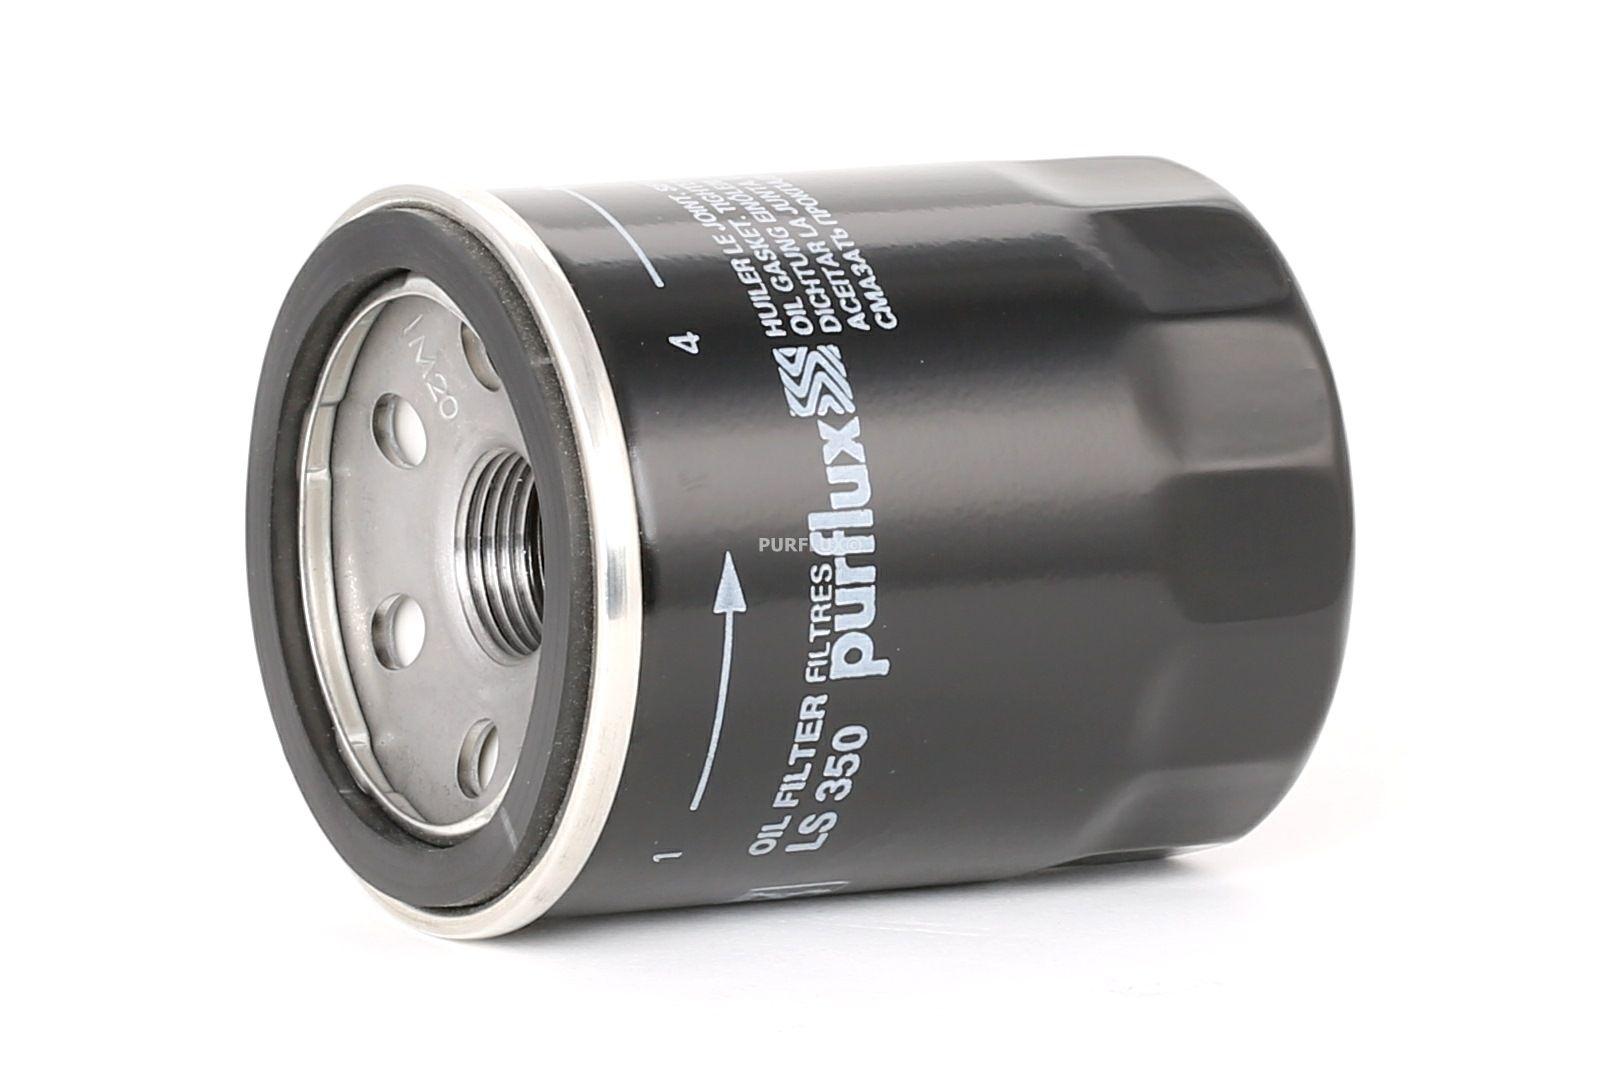 Wechselfilter PURFLUX LS350 Bewertung